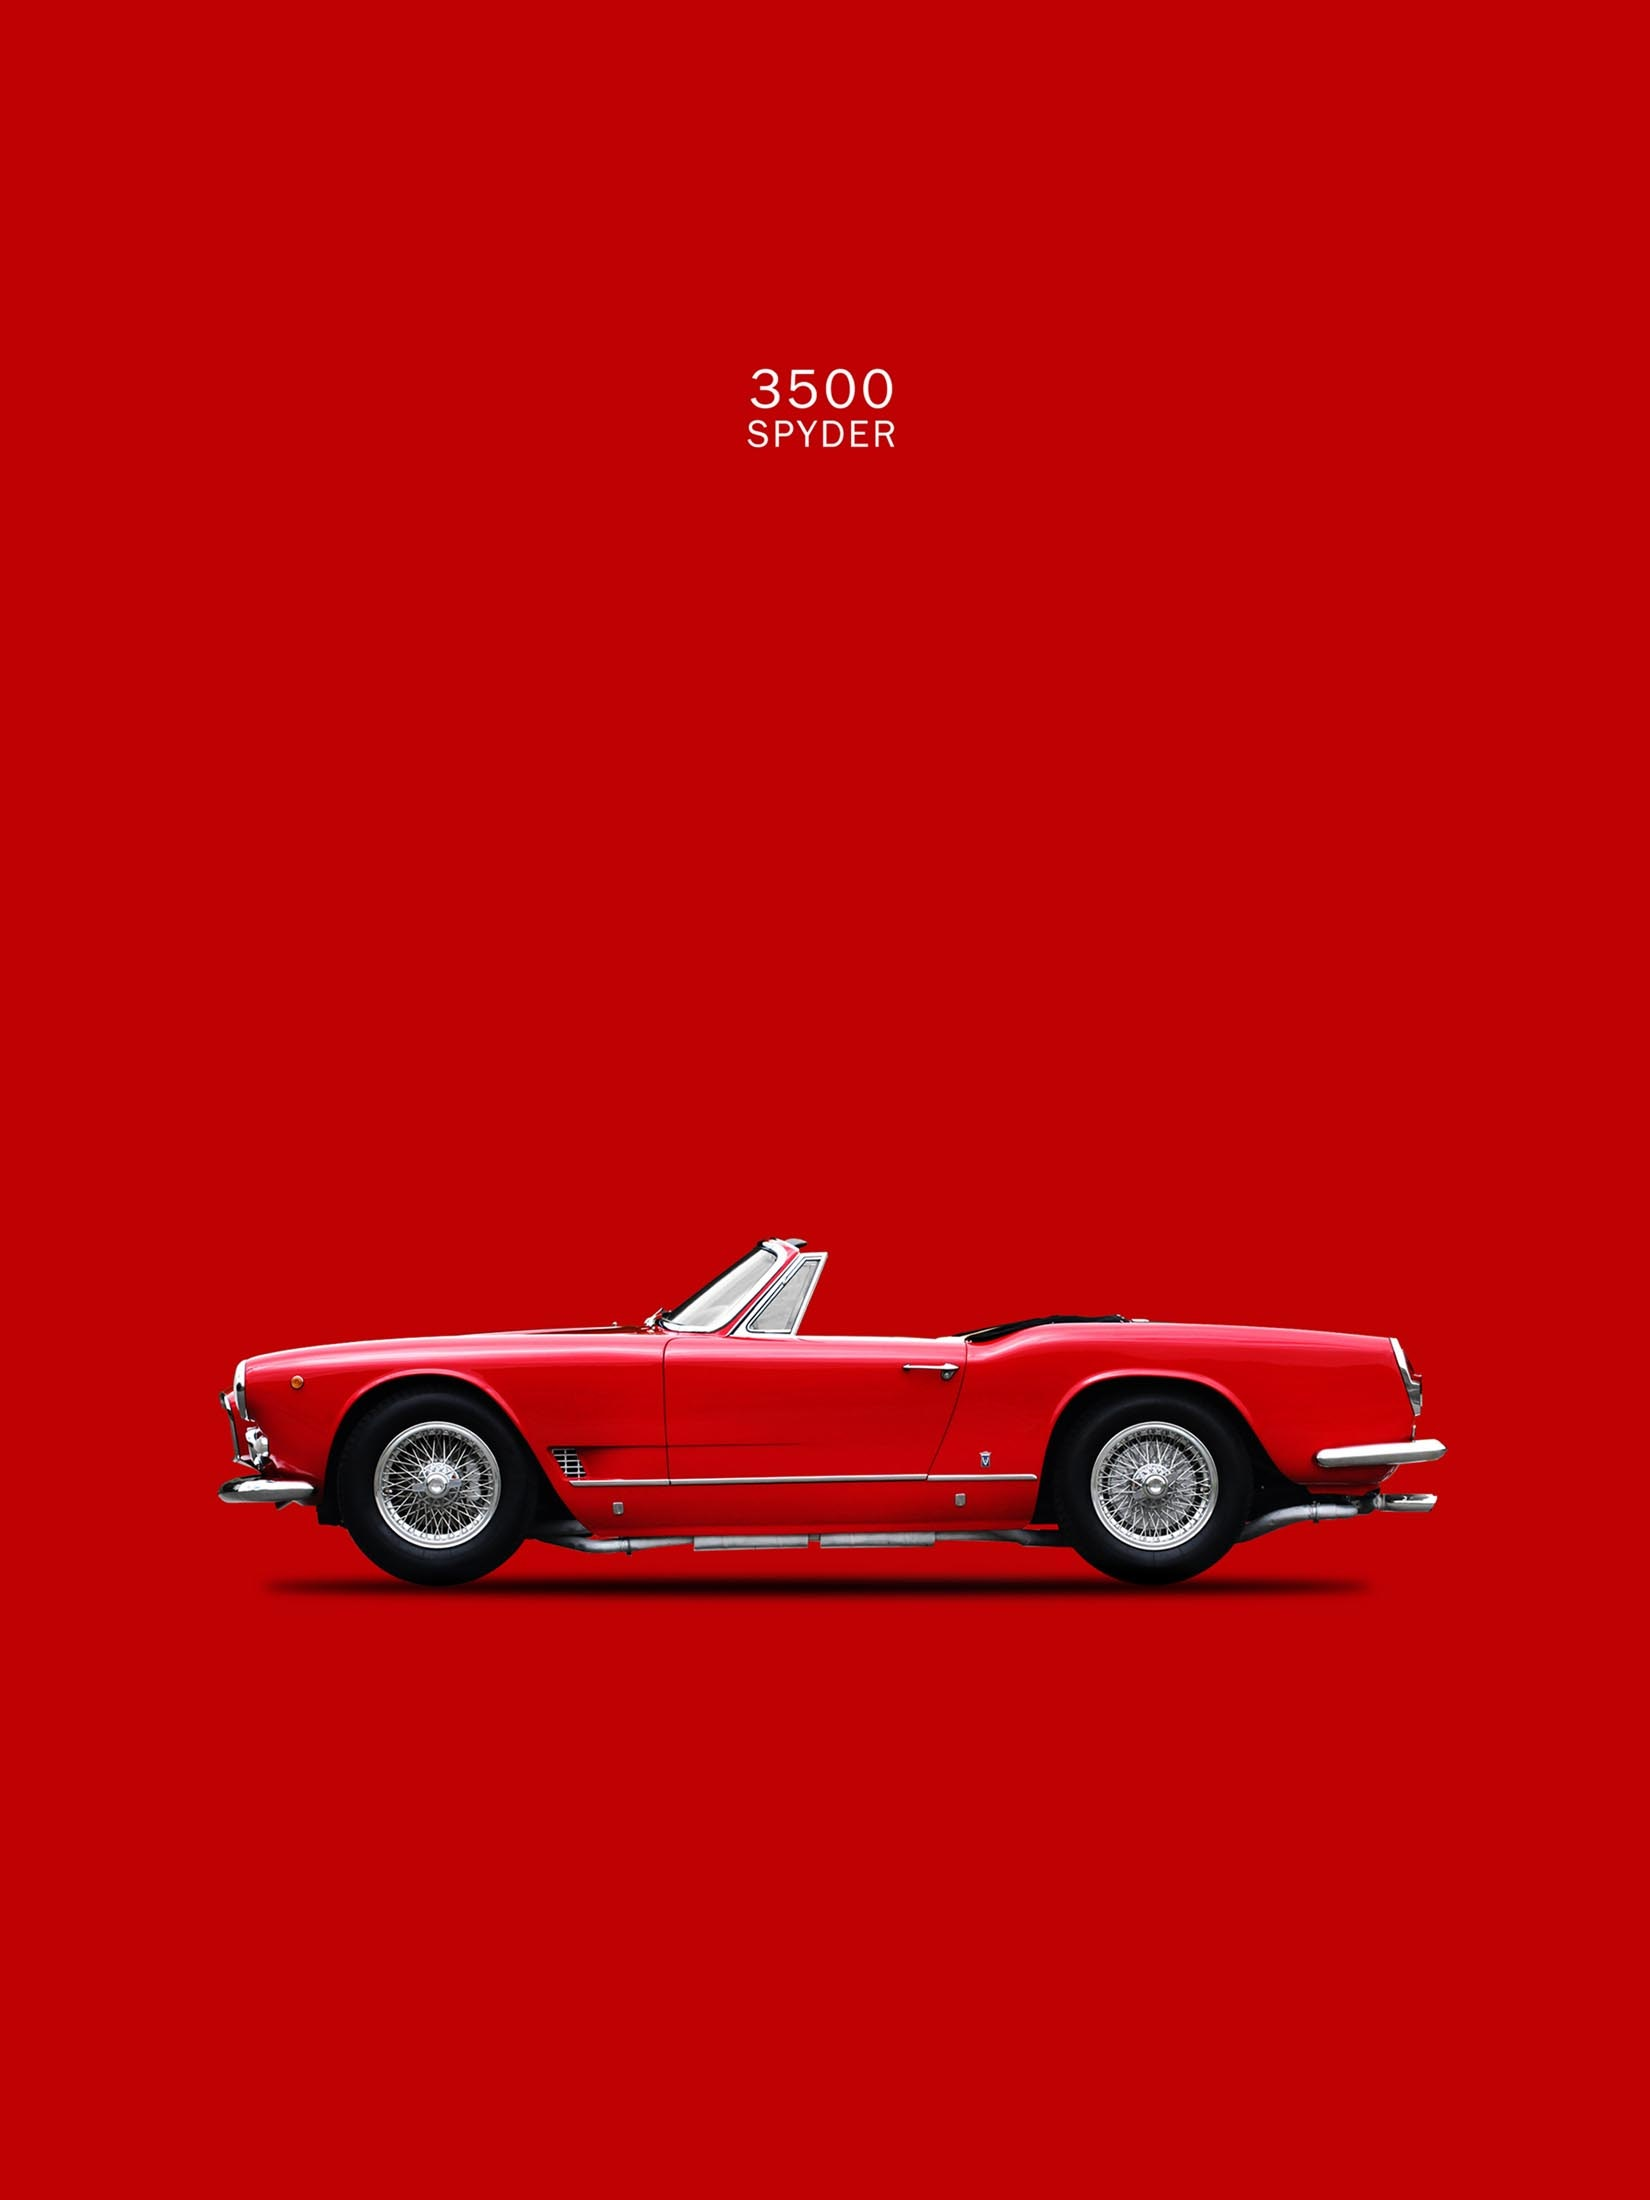 3500 Spyder